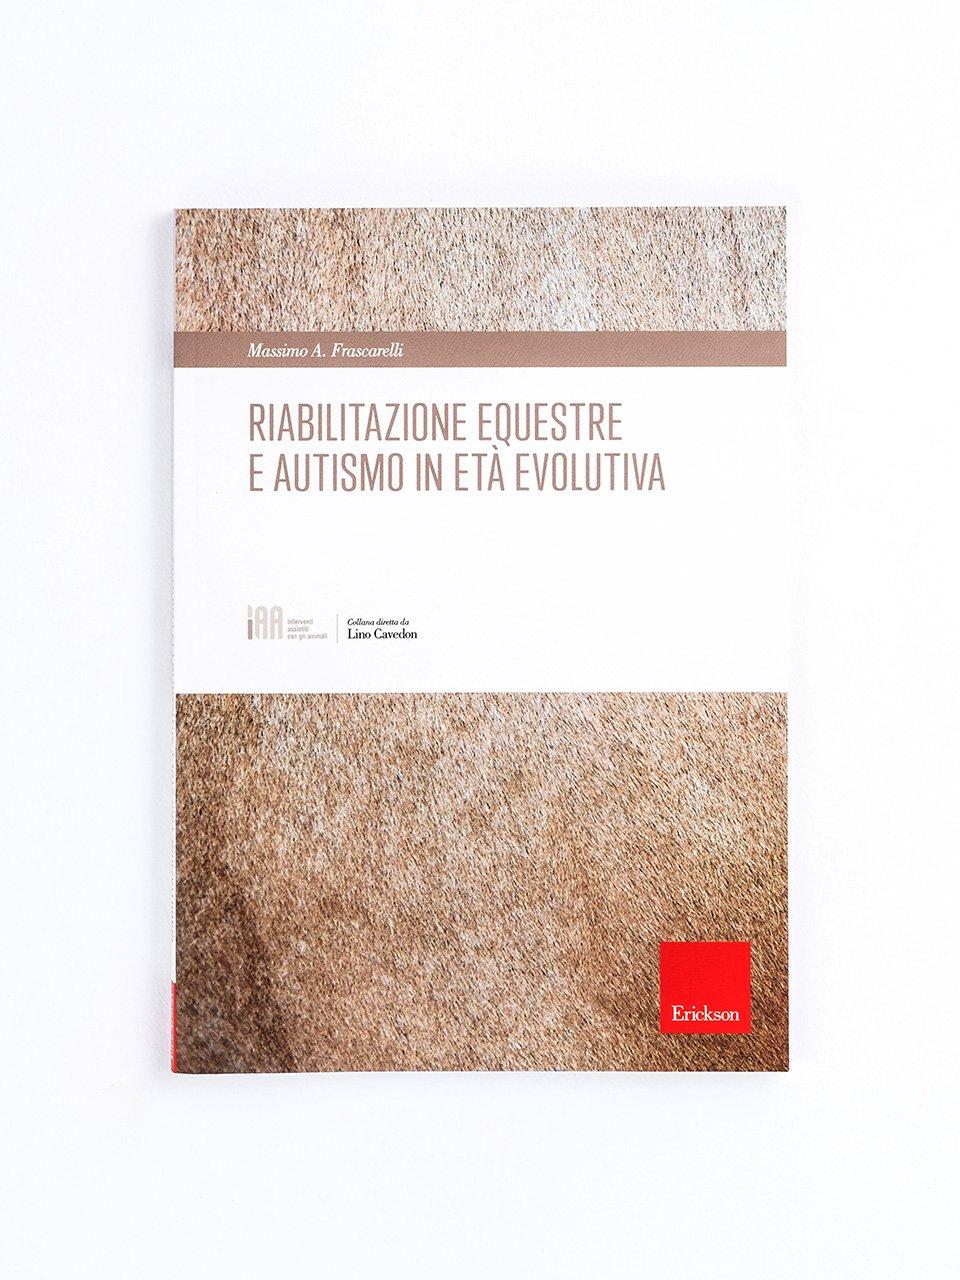 Riabilitazione equestre e autismo in età evolutiva - Pluridisabilità e vita scolastica - Libri - Erickson